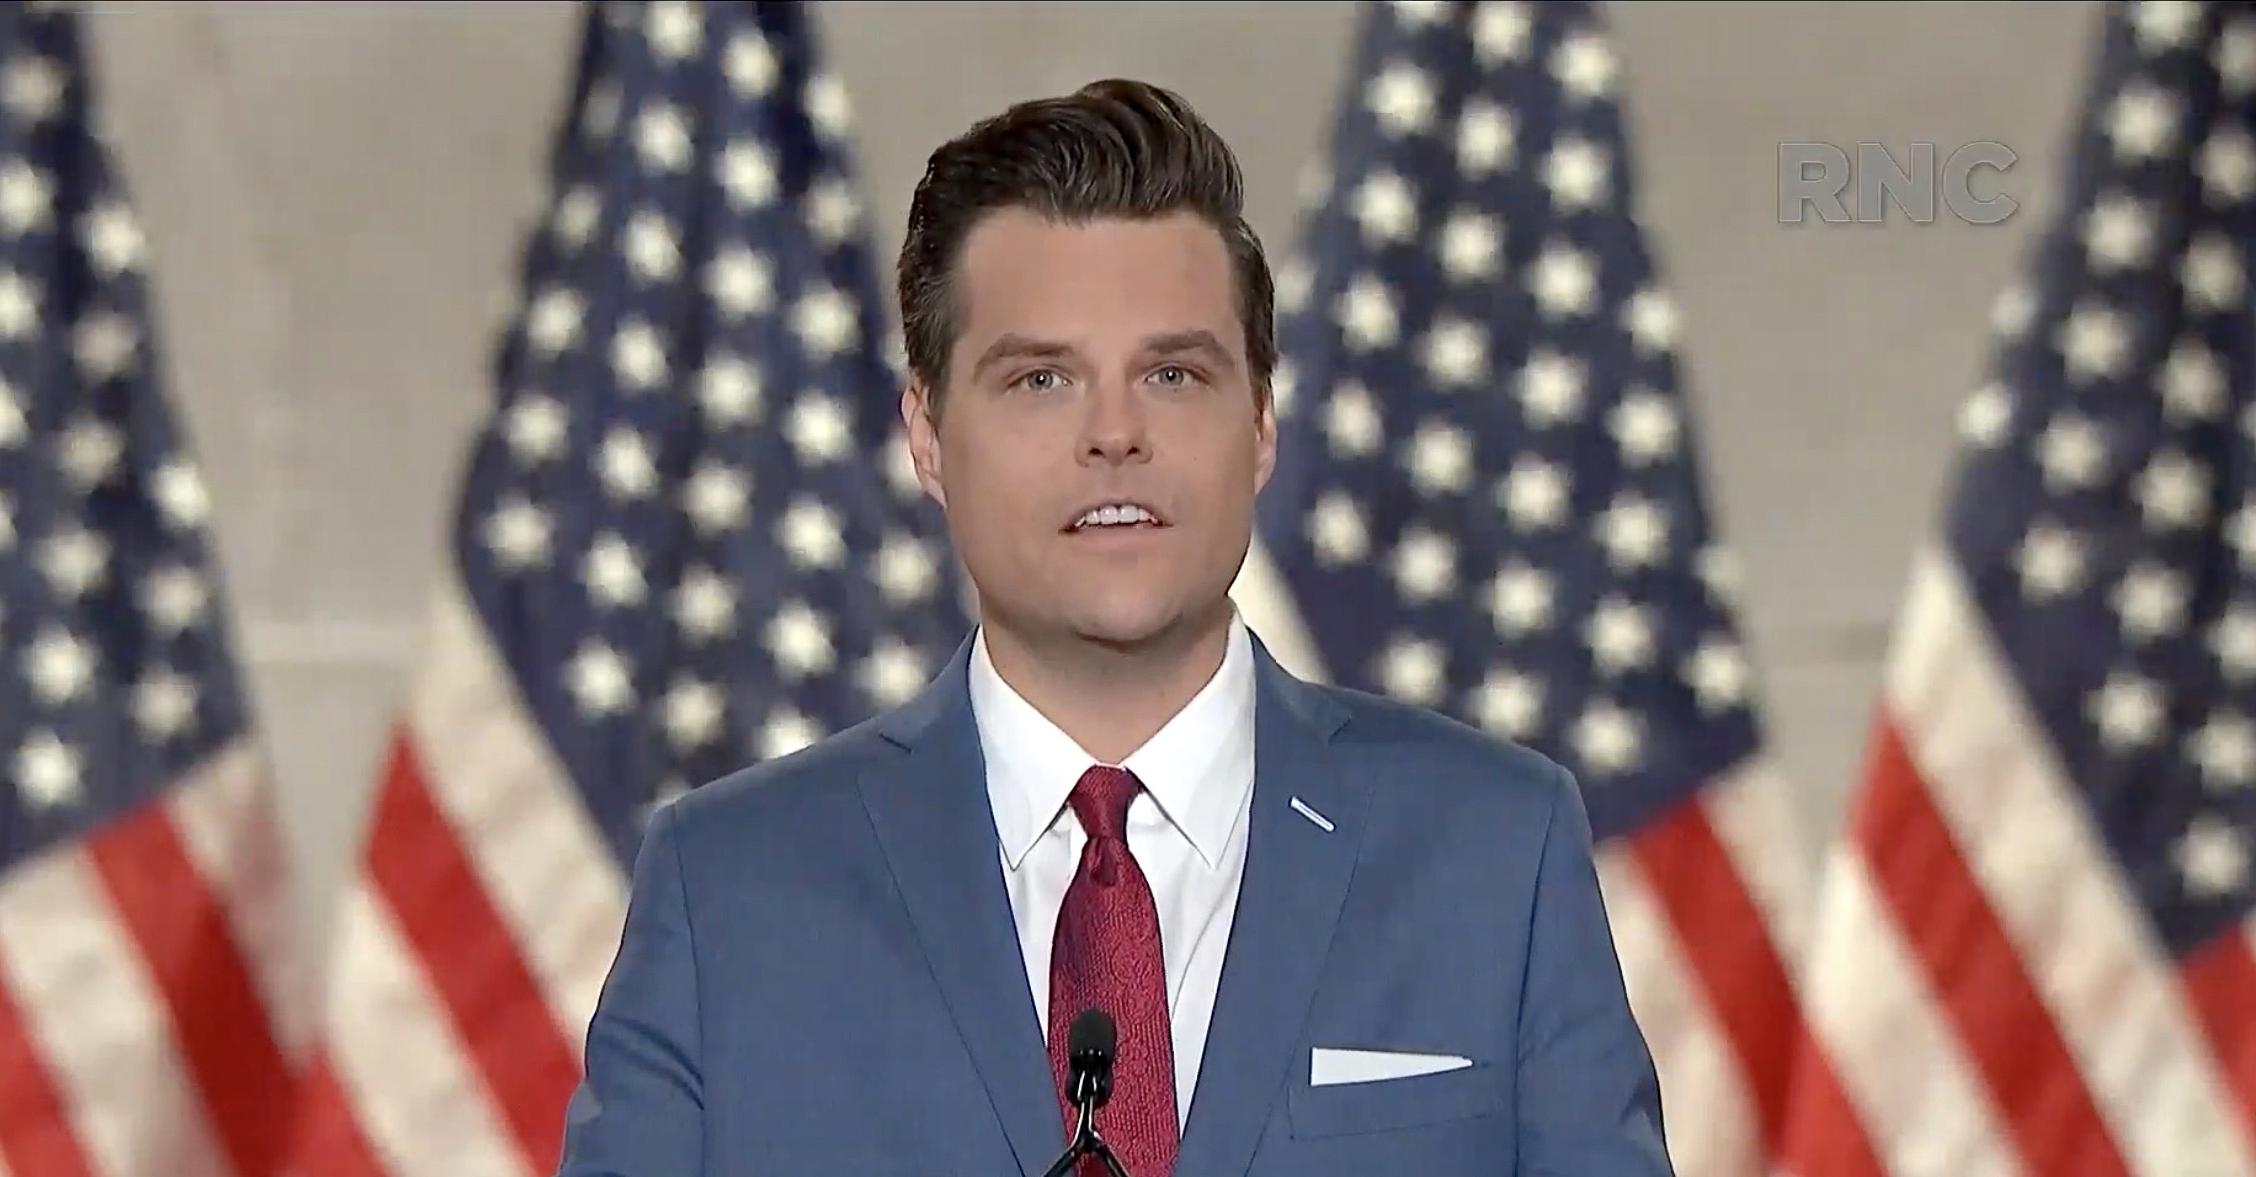 周日(12月20日),佛州國會眾議員眾議員馬特‧蓋茨(Matt Gaetz)表示,他計劃在1月6日國會聯席會議上對選舉人團投票結果進行挑戰。資料圖(Republican National Convention/AFP)